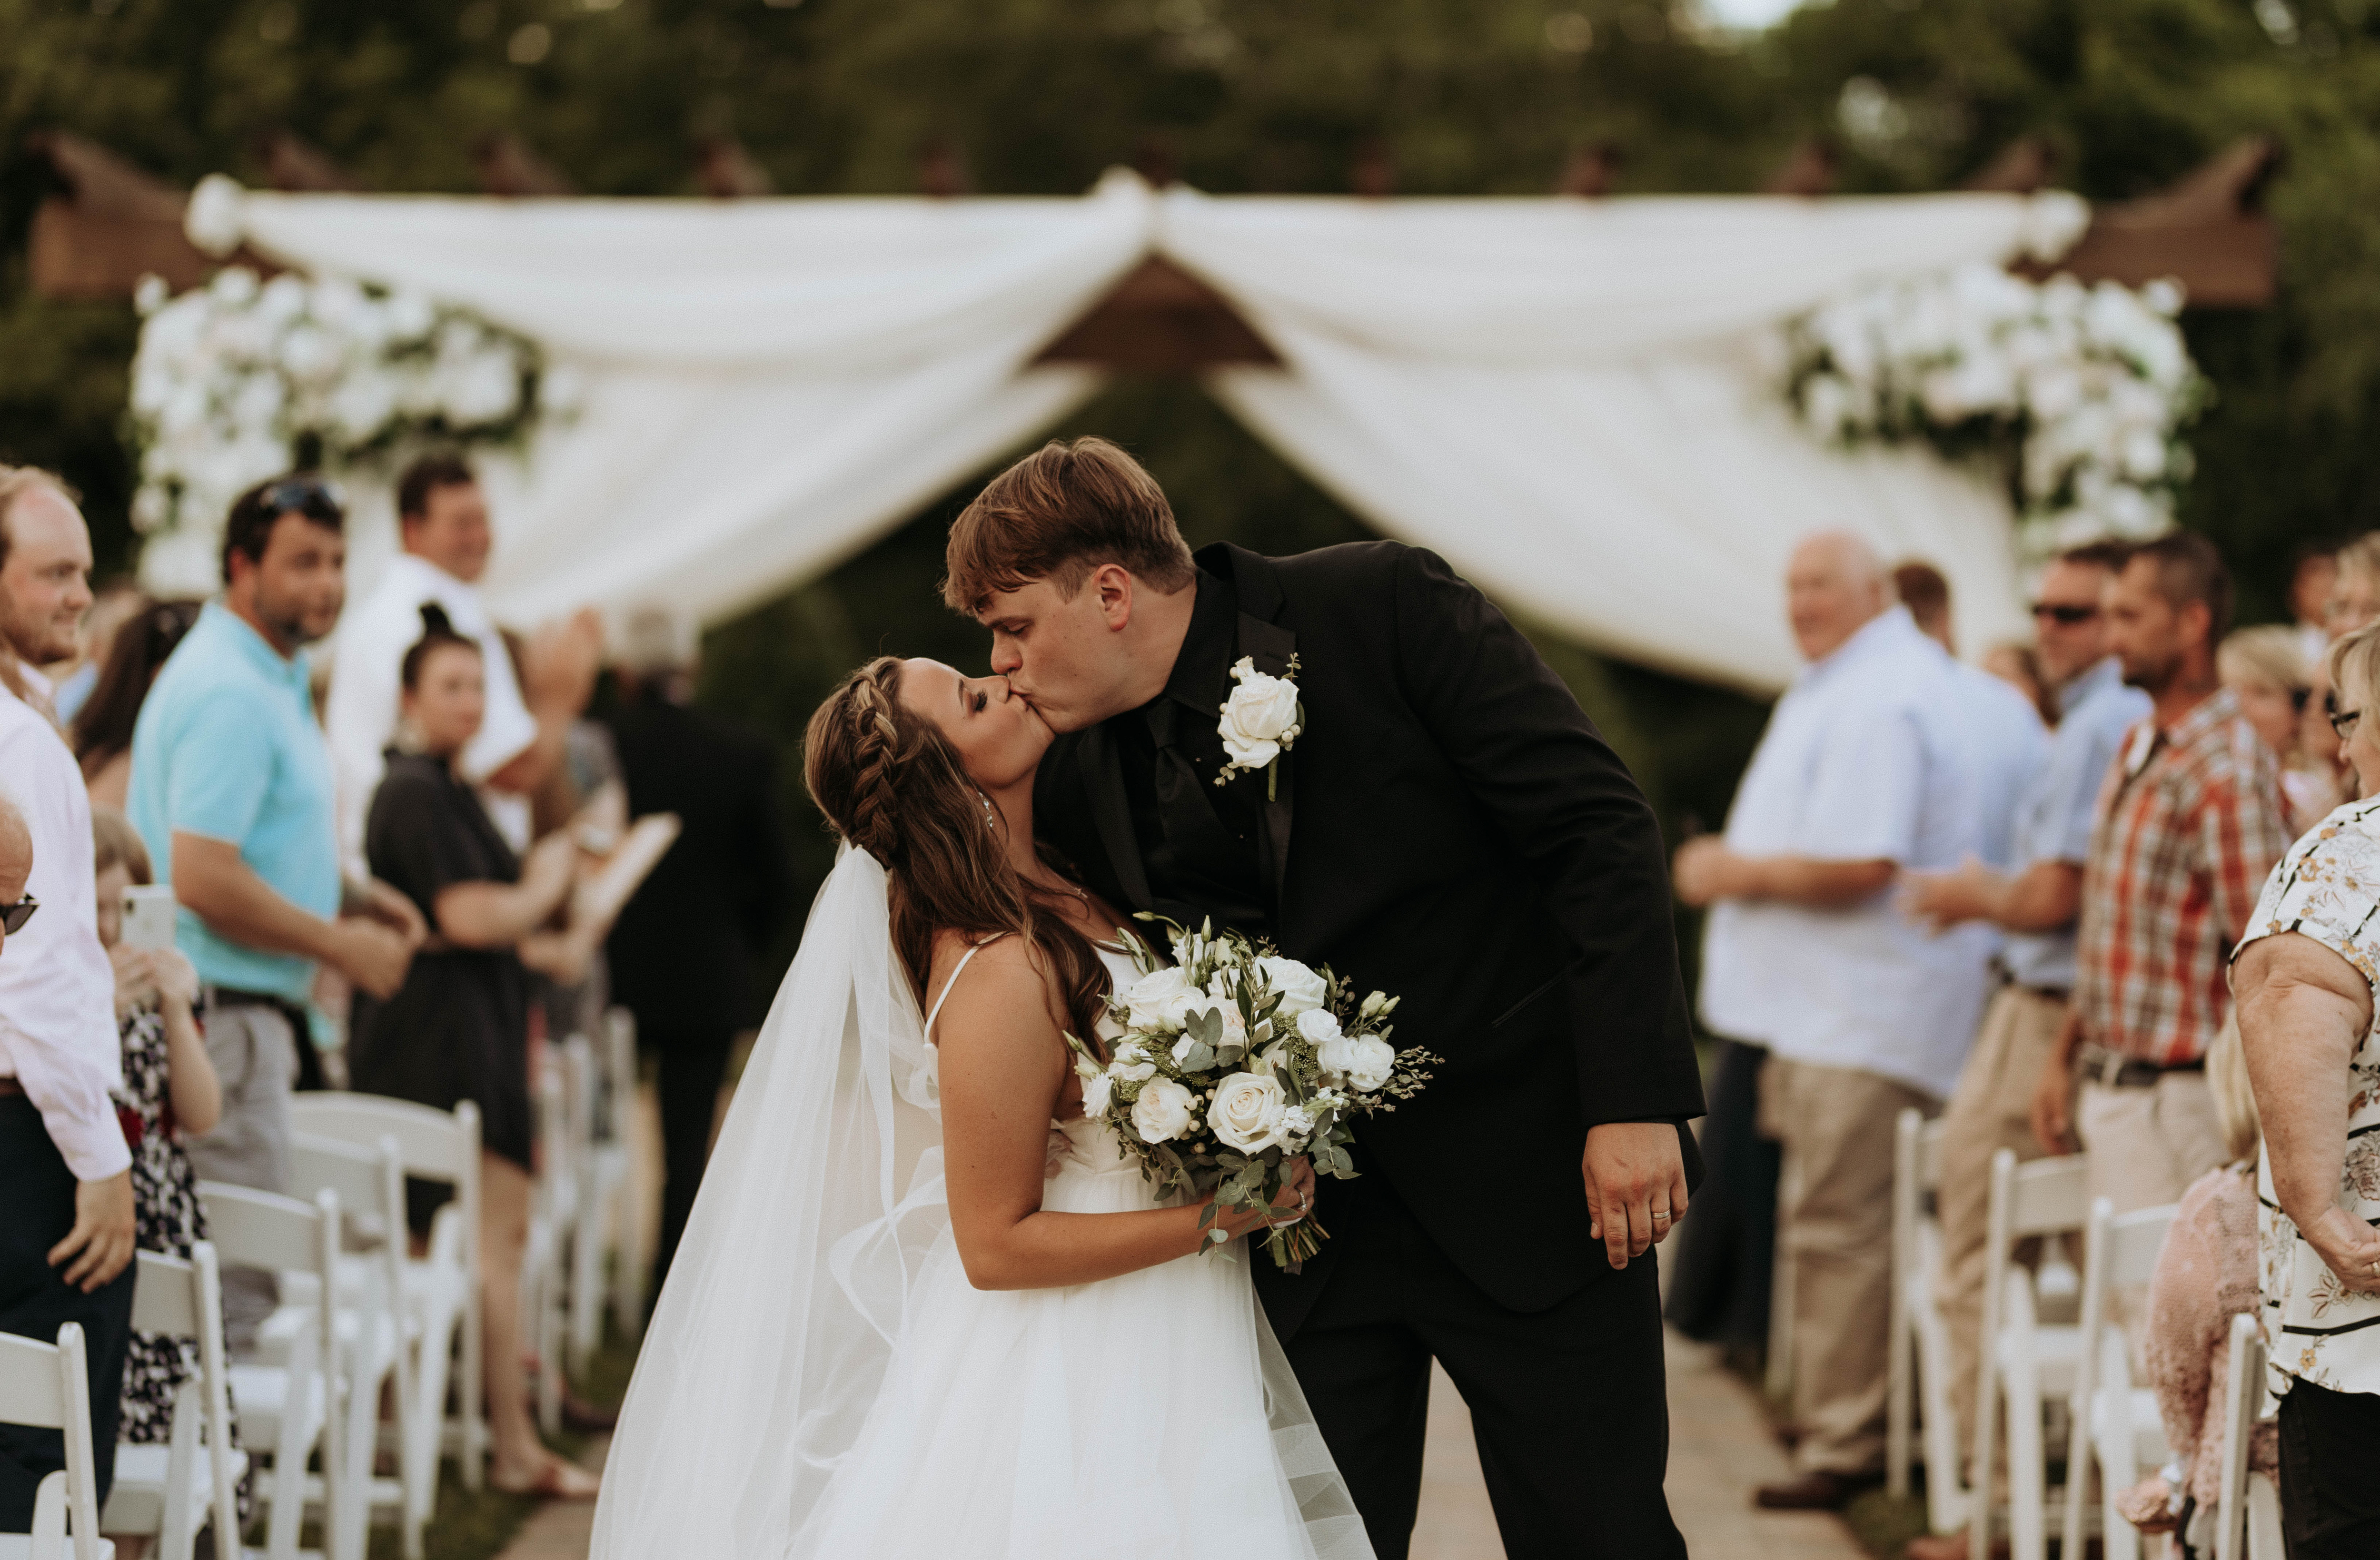 www.shelbycookphoto.com12